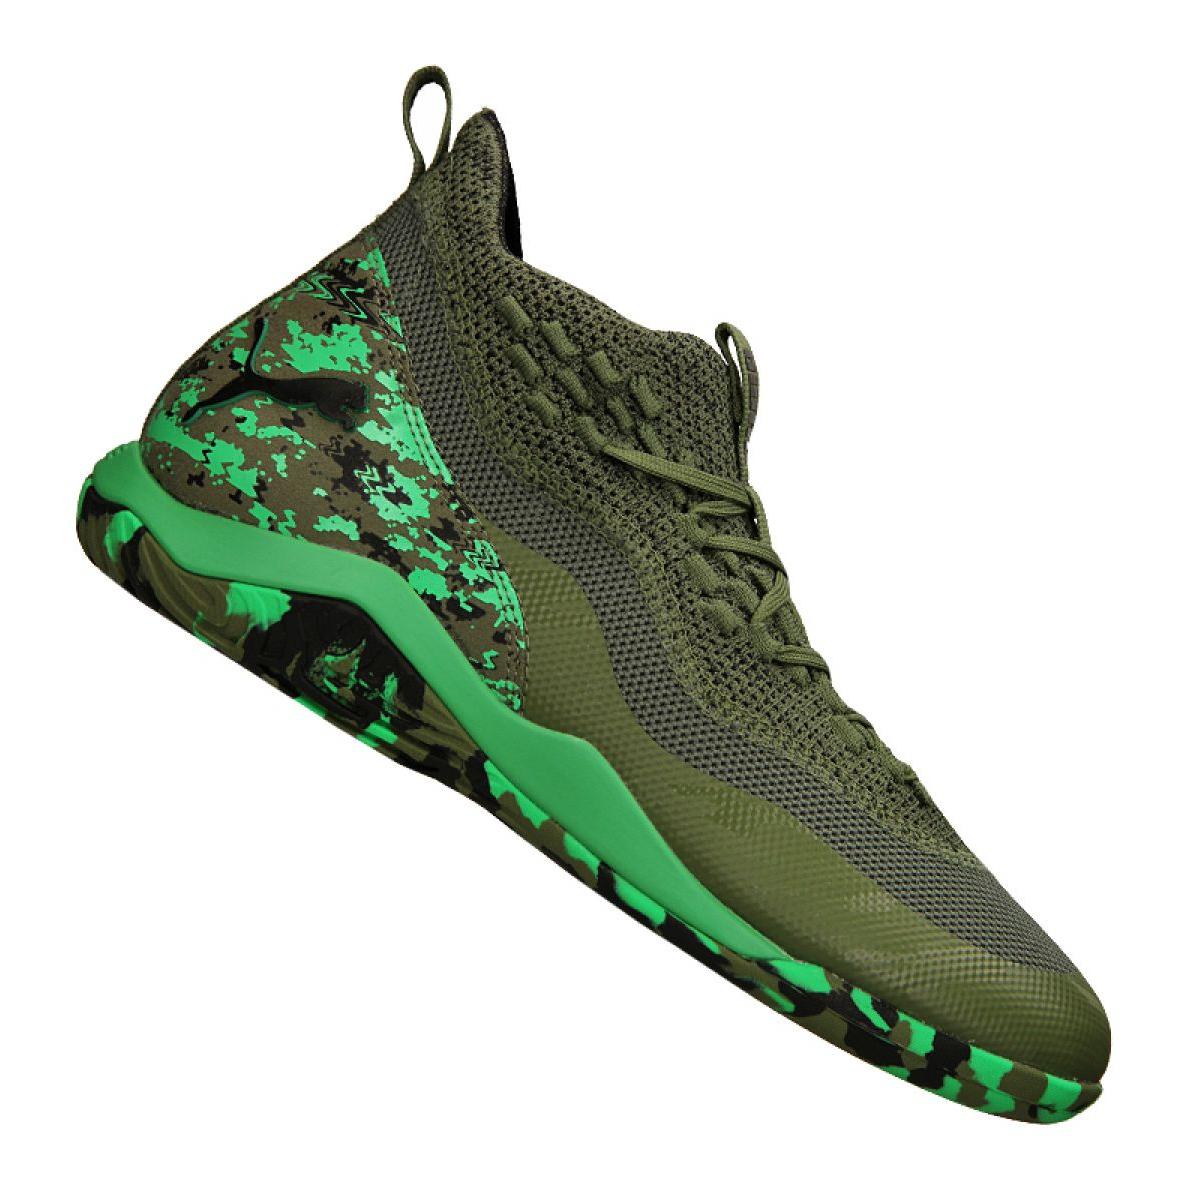 Buty halowe Puma 365 Ignite Fuse 1 M 105514 01 zielone zielony